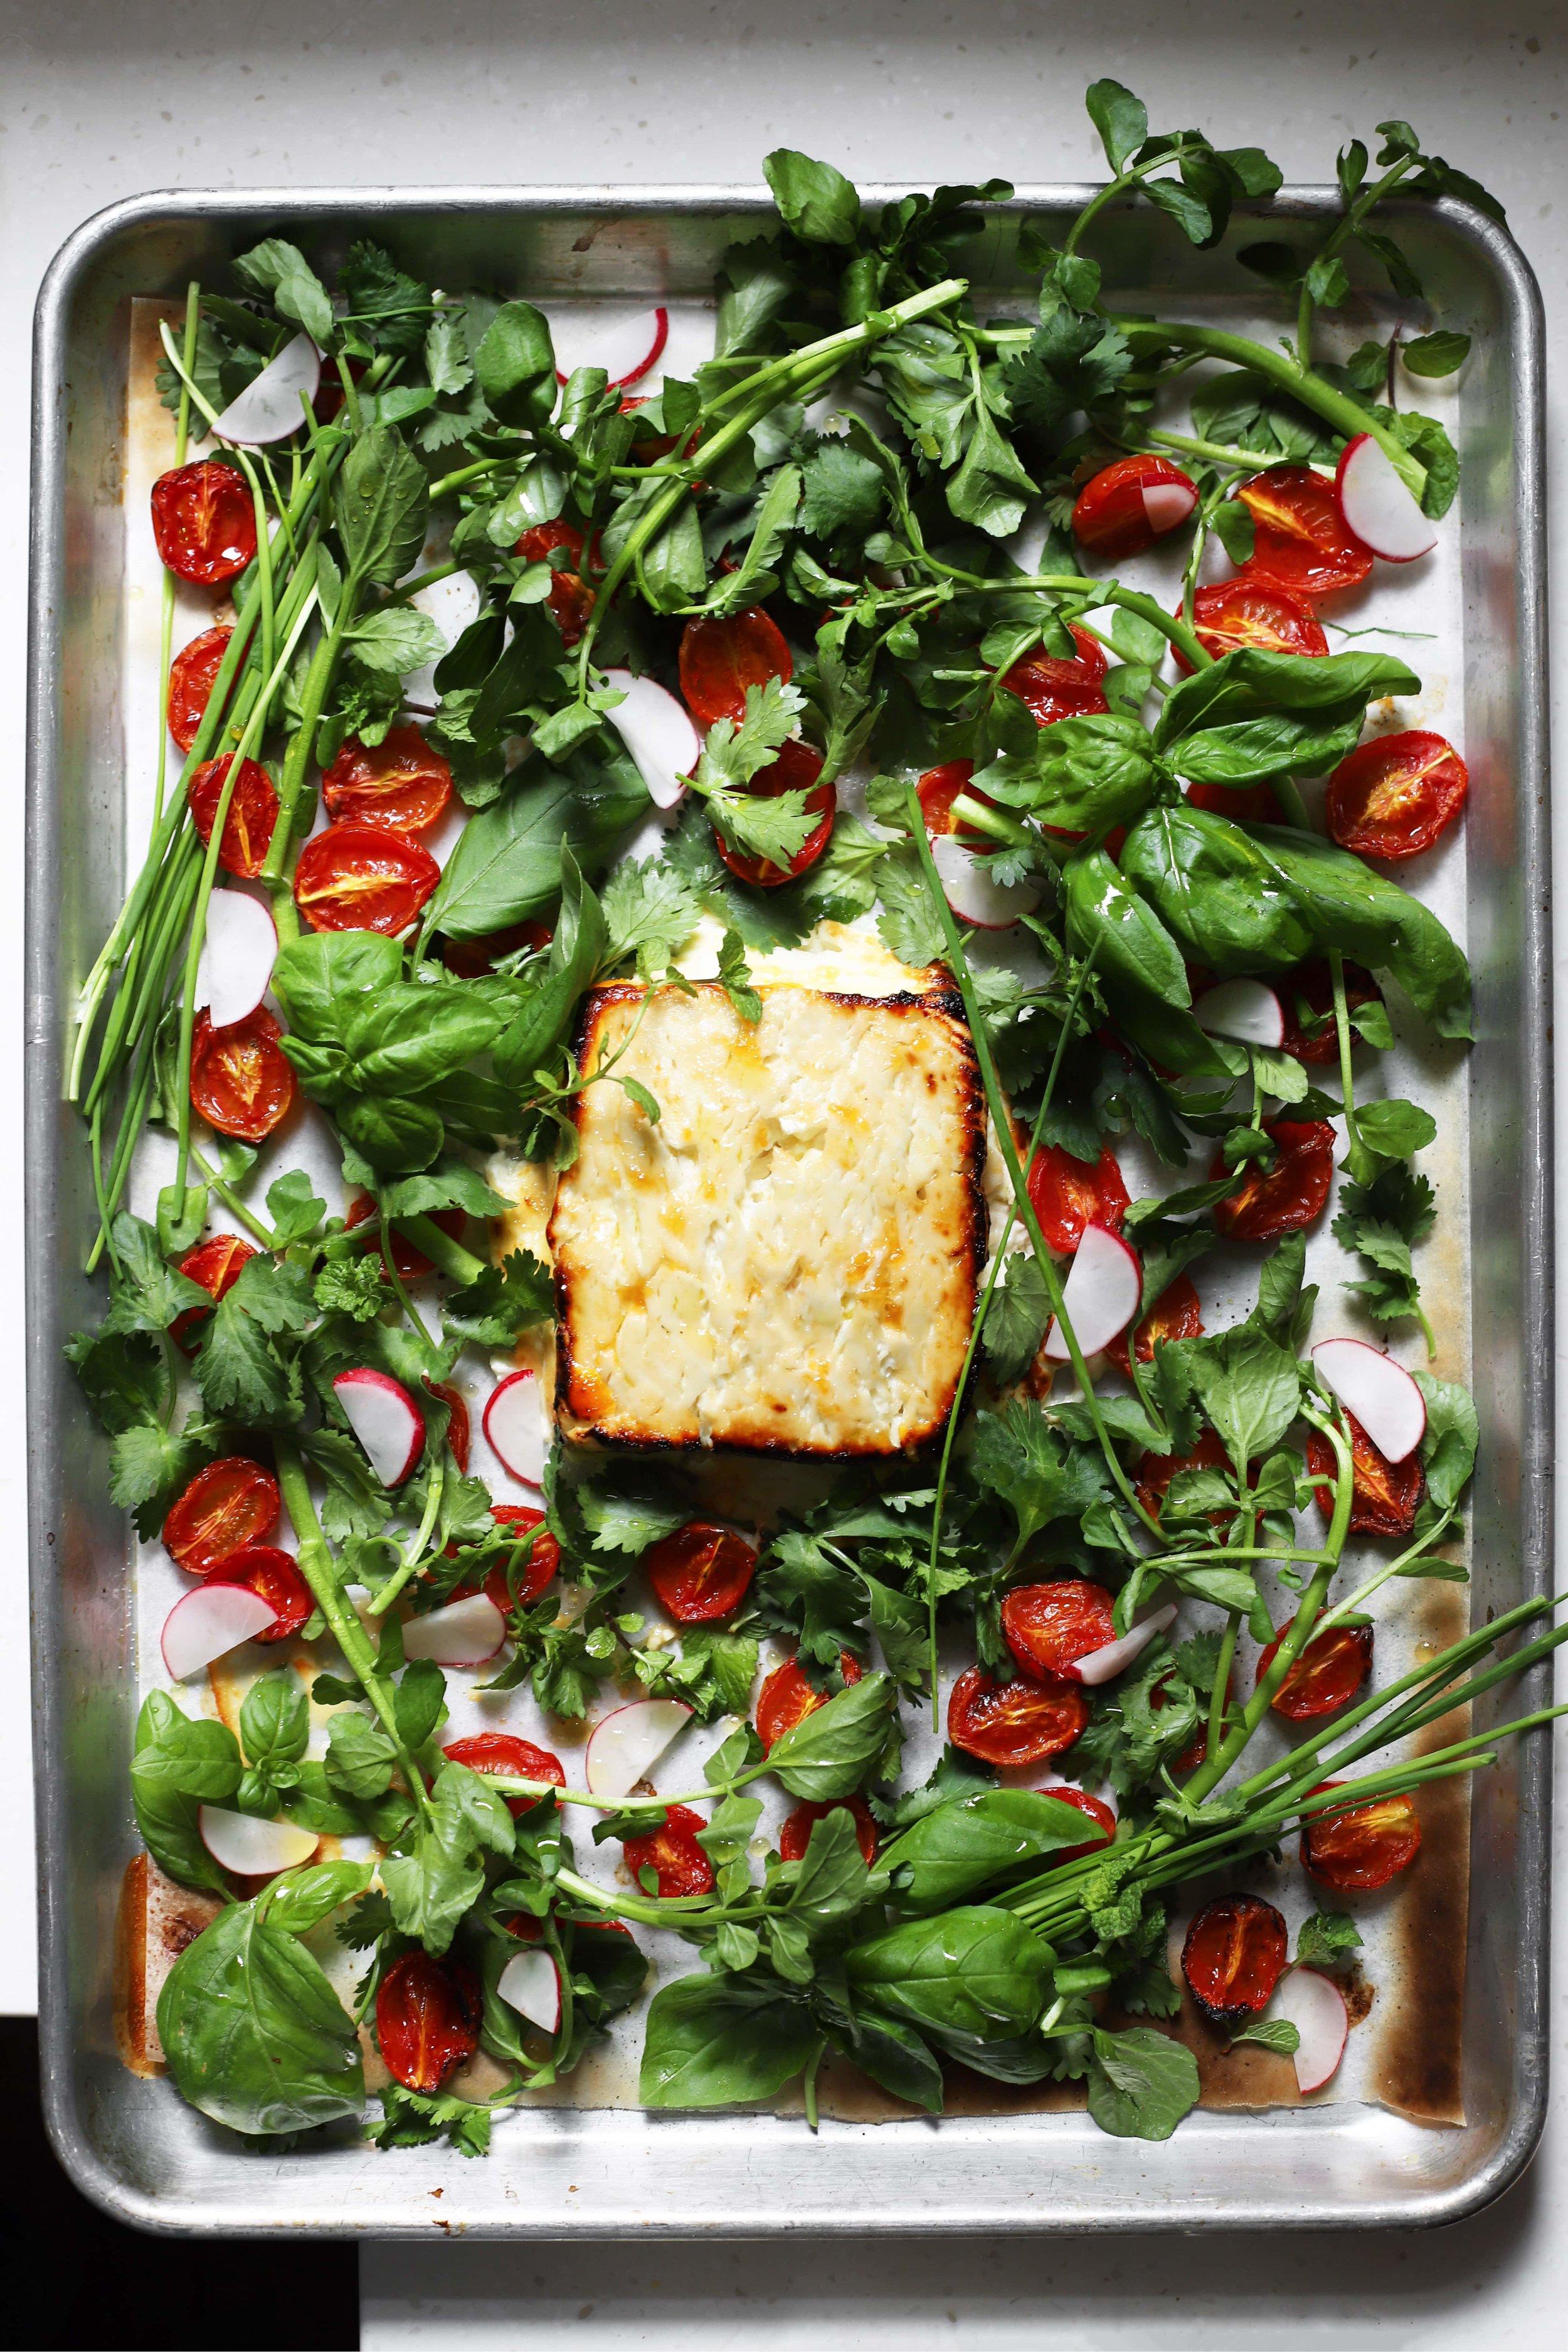 sabzi khordan with baked feta